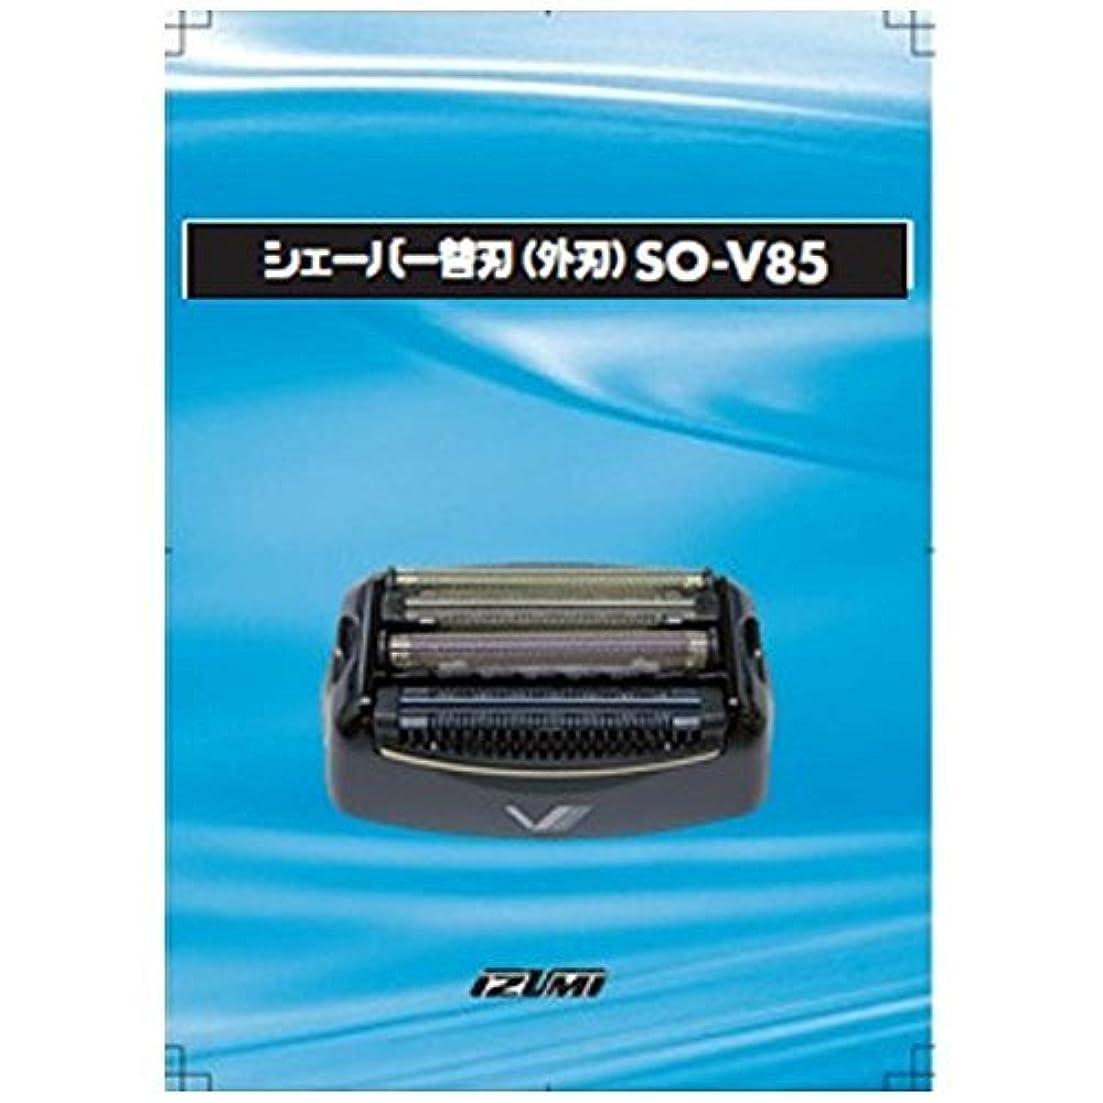 番目生命体ラップイズミ 交換用替刃(外刃)IZUMI SO-V85